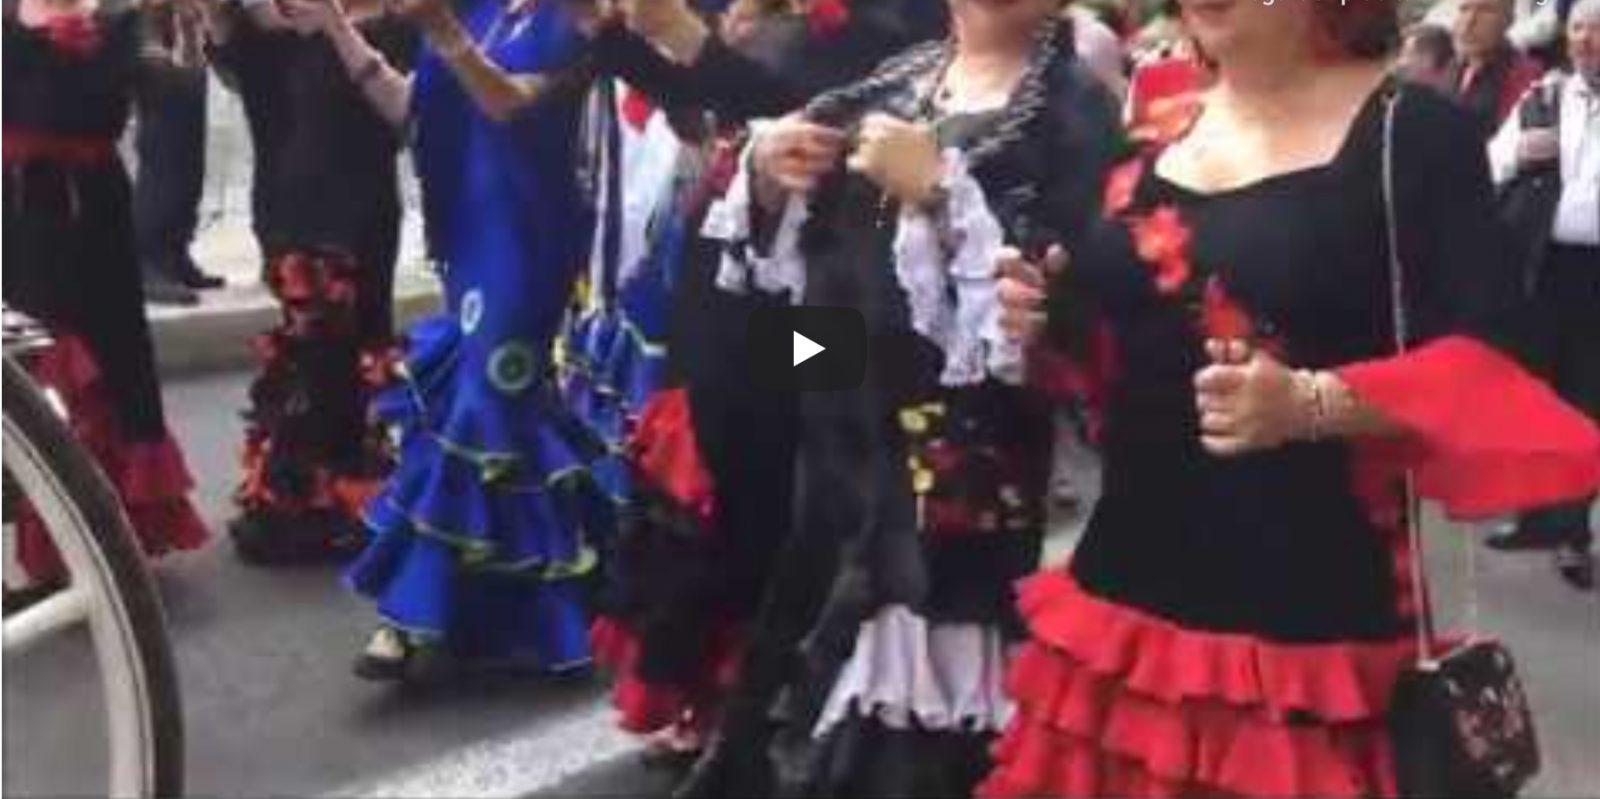 VIDEO // Retour en vidéo sur la Féria de Pentecôte à Nîmes 2019 (ambiances, sévillanes, bar…)